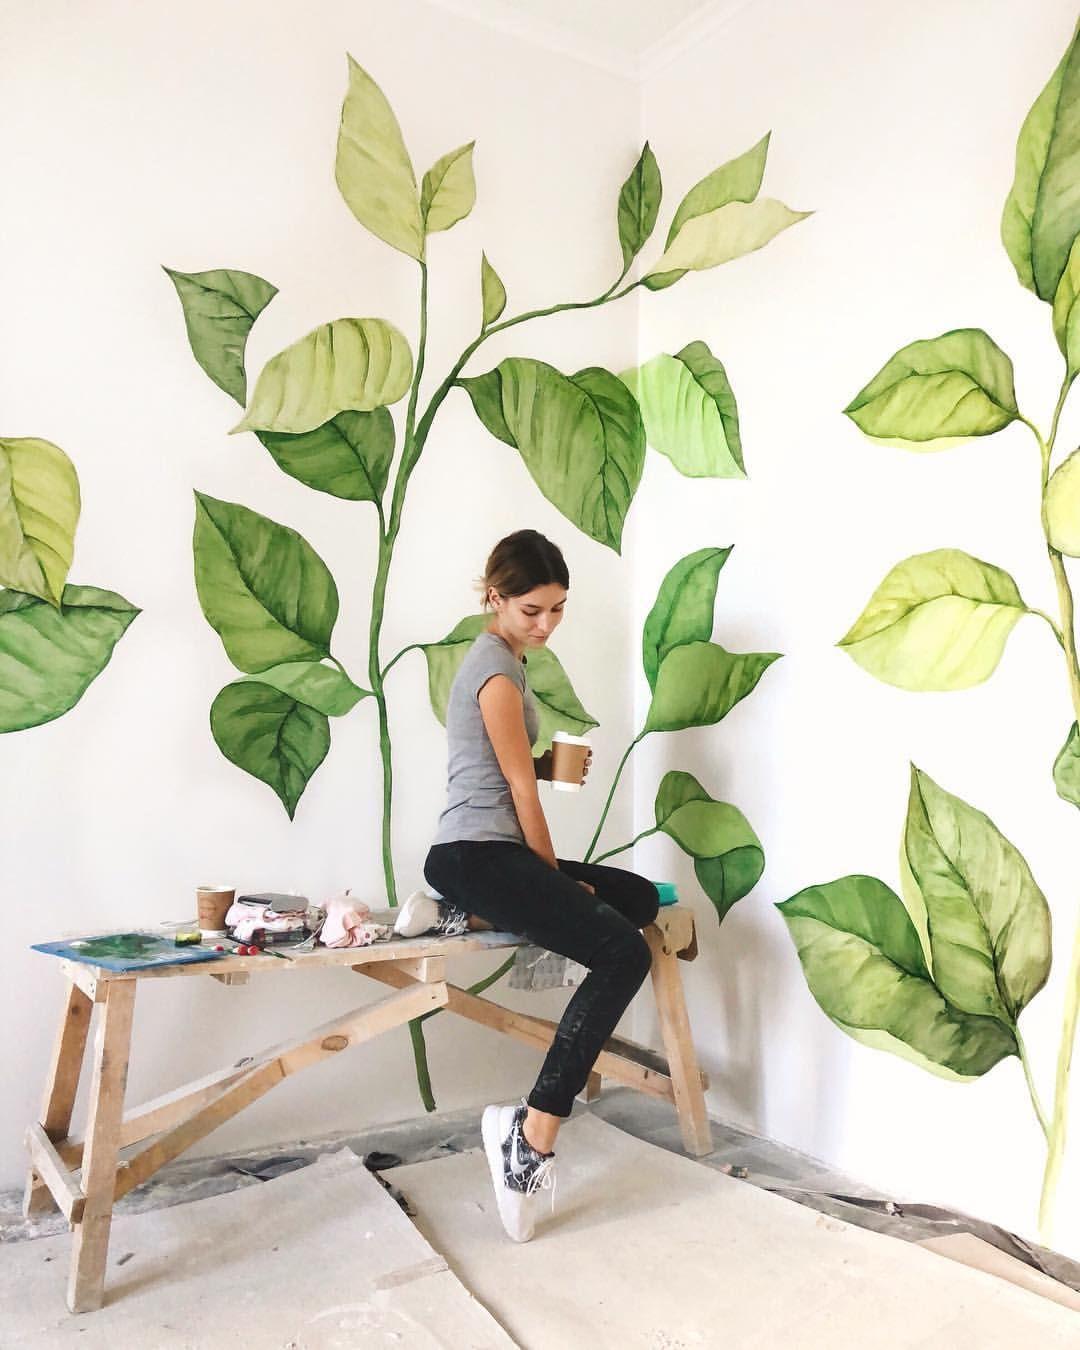 тропические листья рисунок на стене